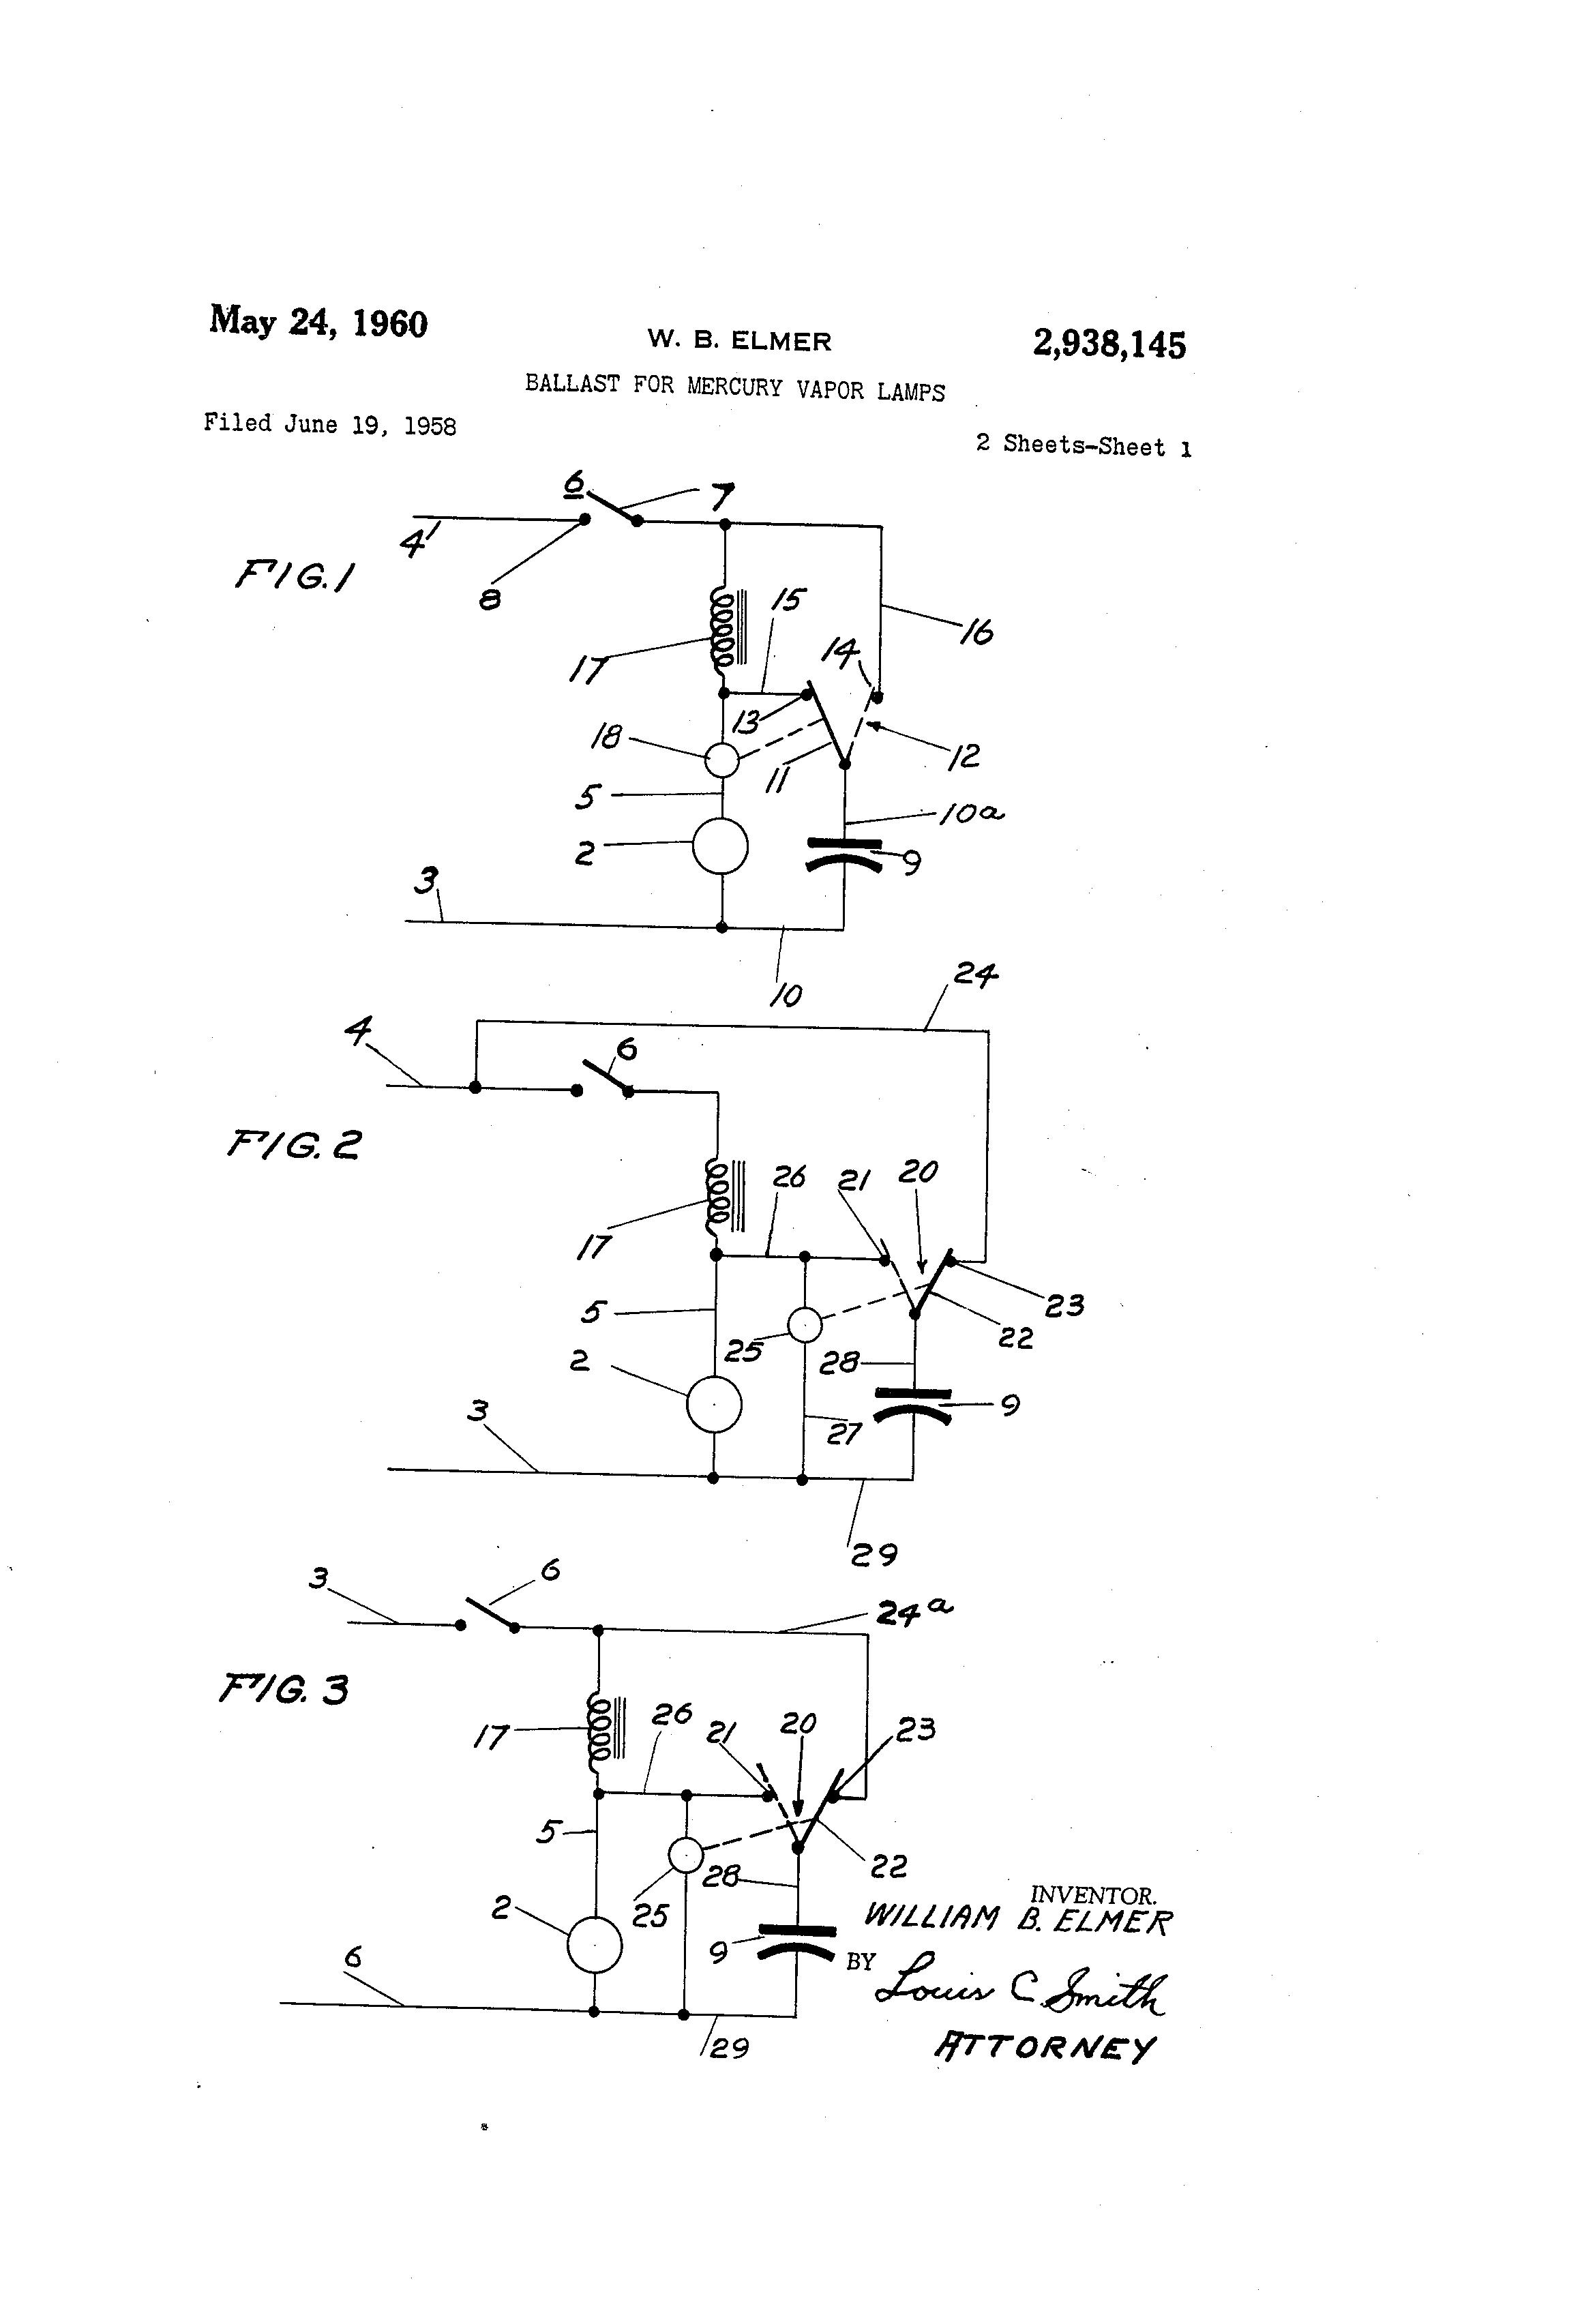 Wiring Diagram Of Mercury Vapour Lamp : Sodium vapor lamp wiring diagram metal halide